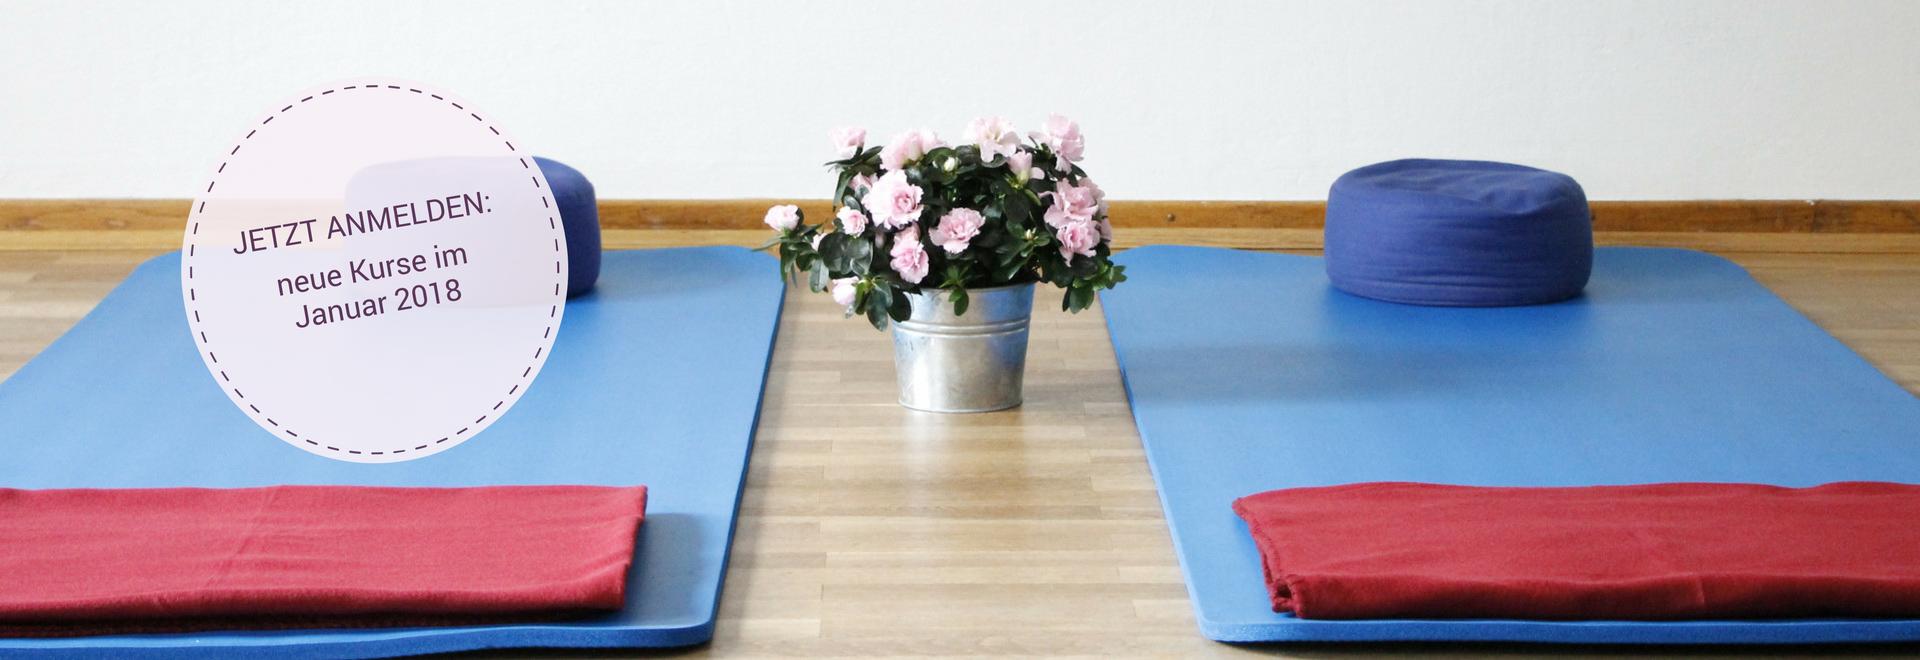 Yogakurse Wolfenbüttel anmelden